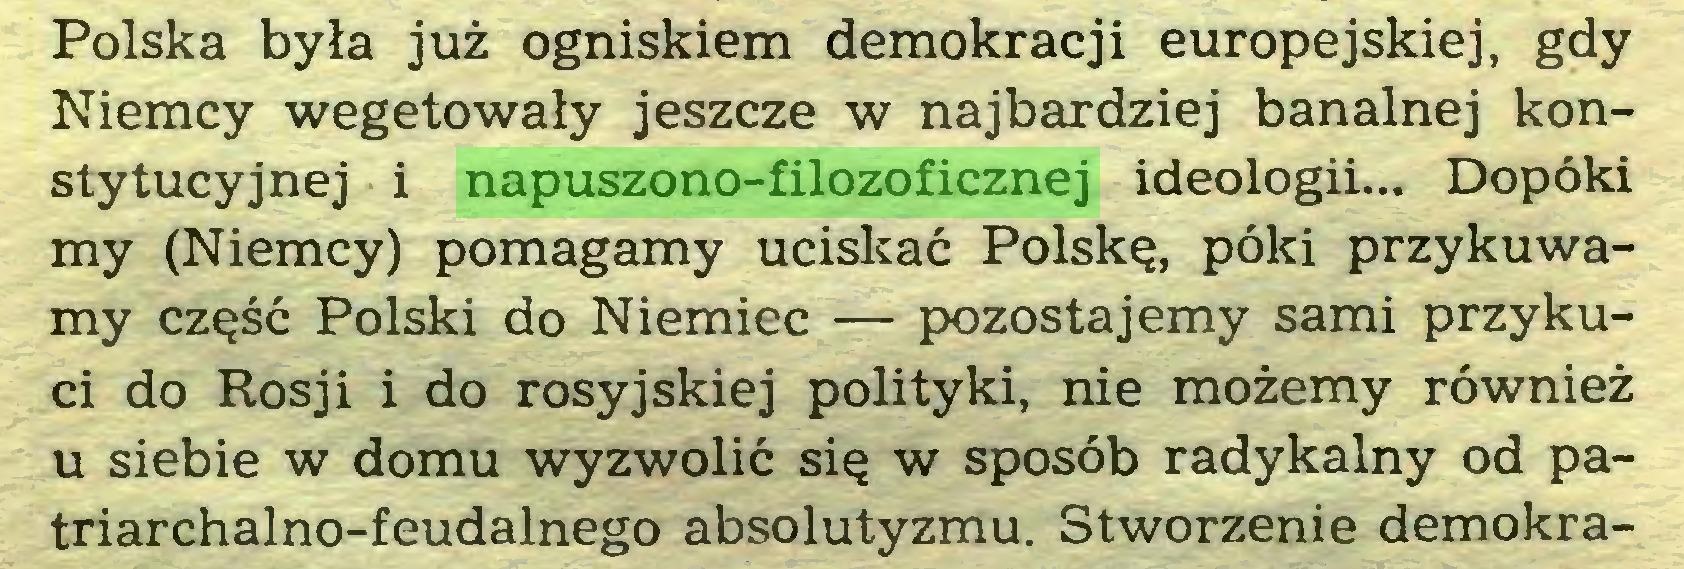 (...) Polska była już ogniskiem demokracji europejskiej, gdy Niemcy wegetowały jeszcze w najbardziej banalnej konstytucyjnej i napuszono-filozoficznej ideologii... Dopóki my (Niemcy) pomagamy uciskać Polskę, póki przykuwamy część Polski do Niemiec — pozostajemy sami przykuci do Rosji i do rosyjskiej polityki, nie możemy również u siebie w domu wyzwolić się w sposób radykalny od patriarchalno-feudalnego absolutyzmu. Stworzenie demokra...